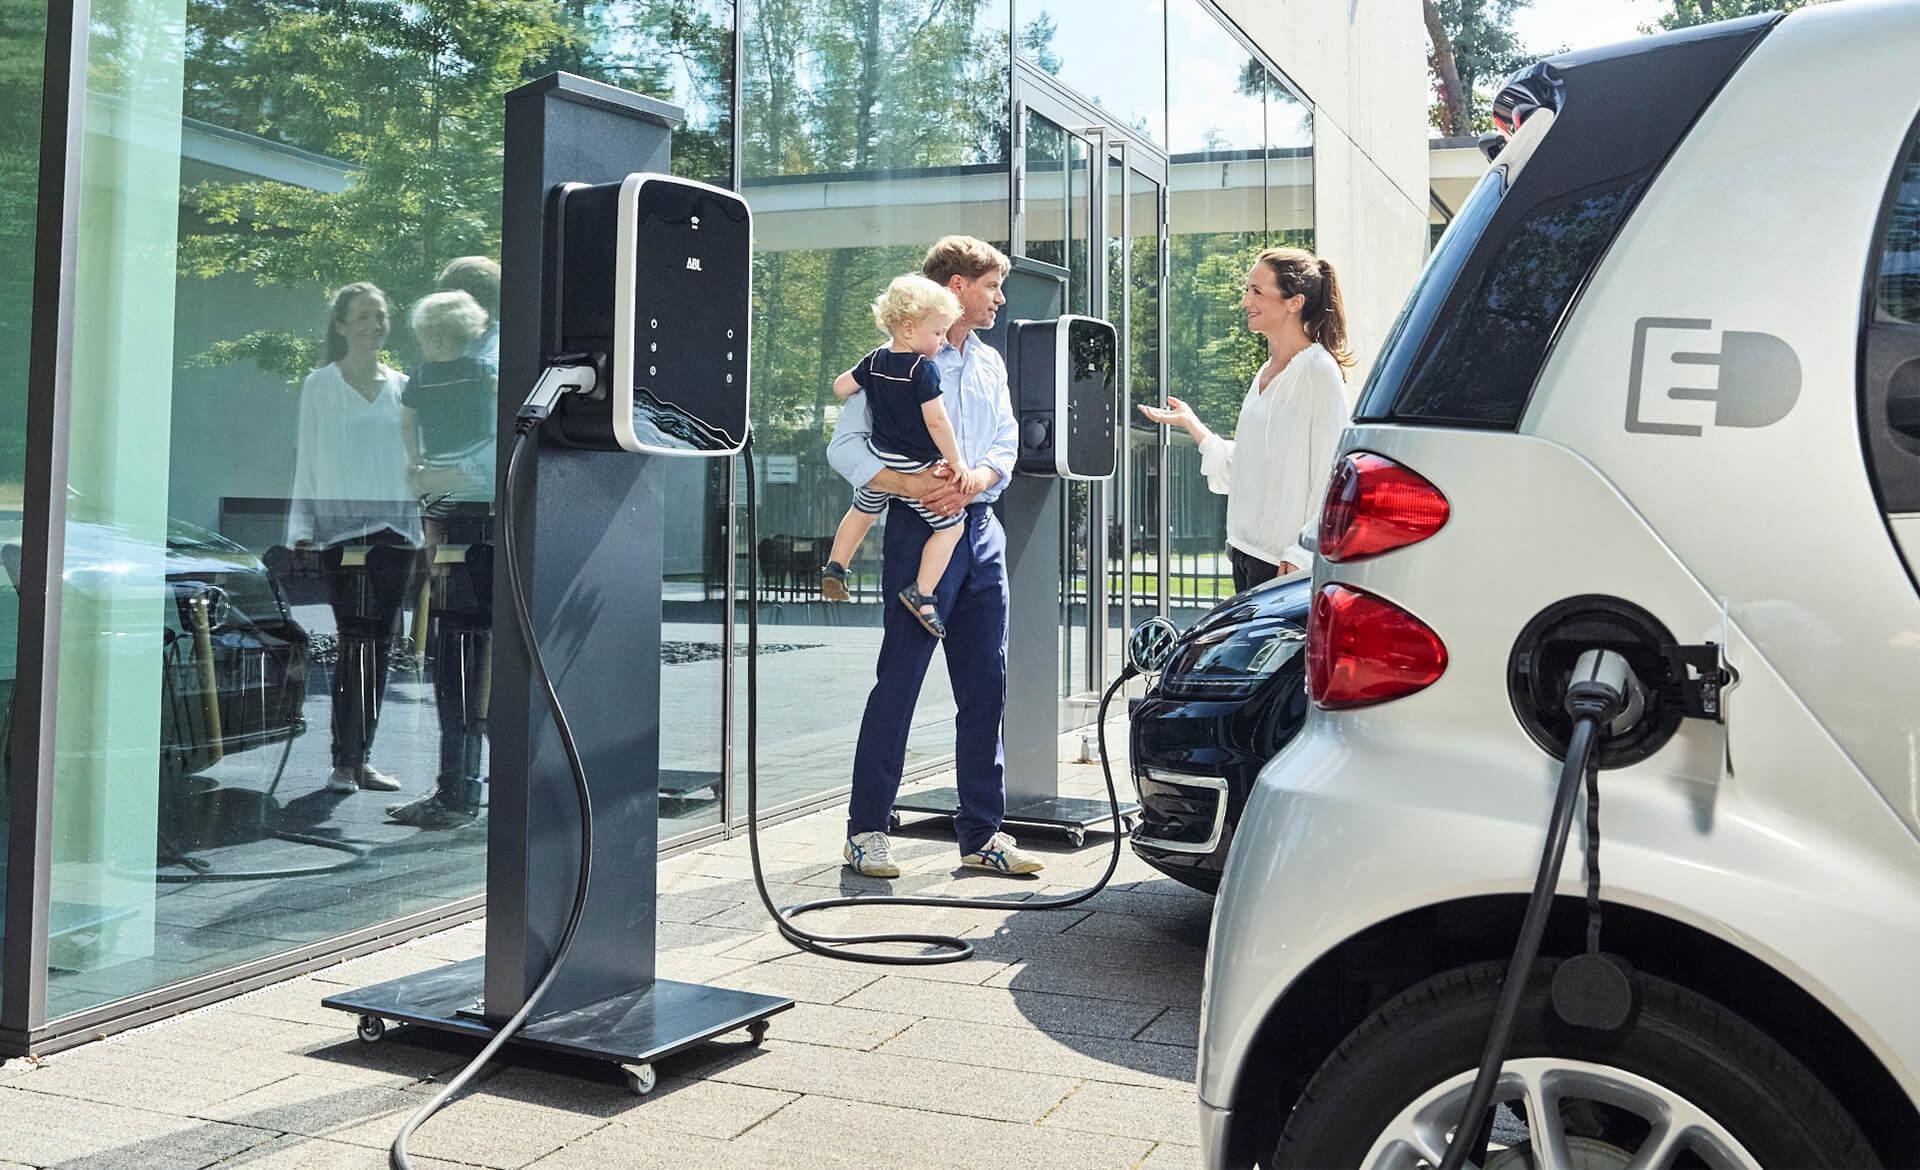 Produkt und Fachkompetenz Akkordeon eMobility